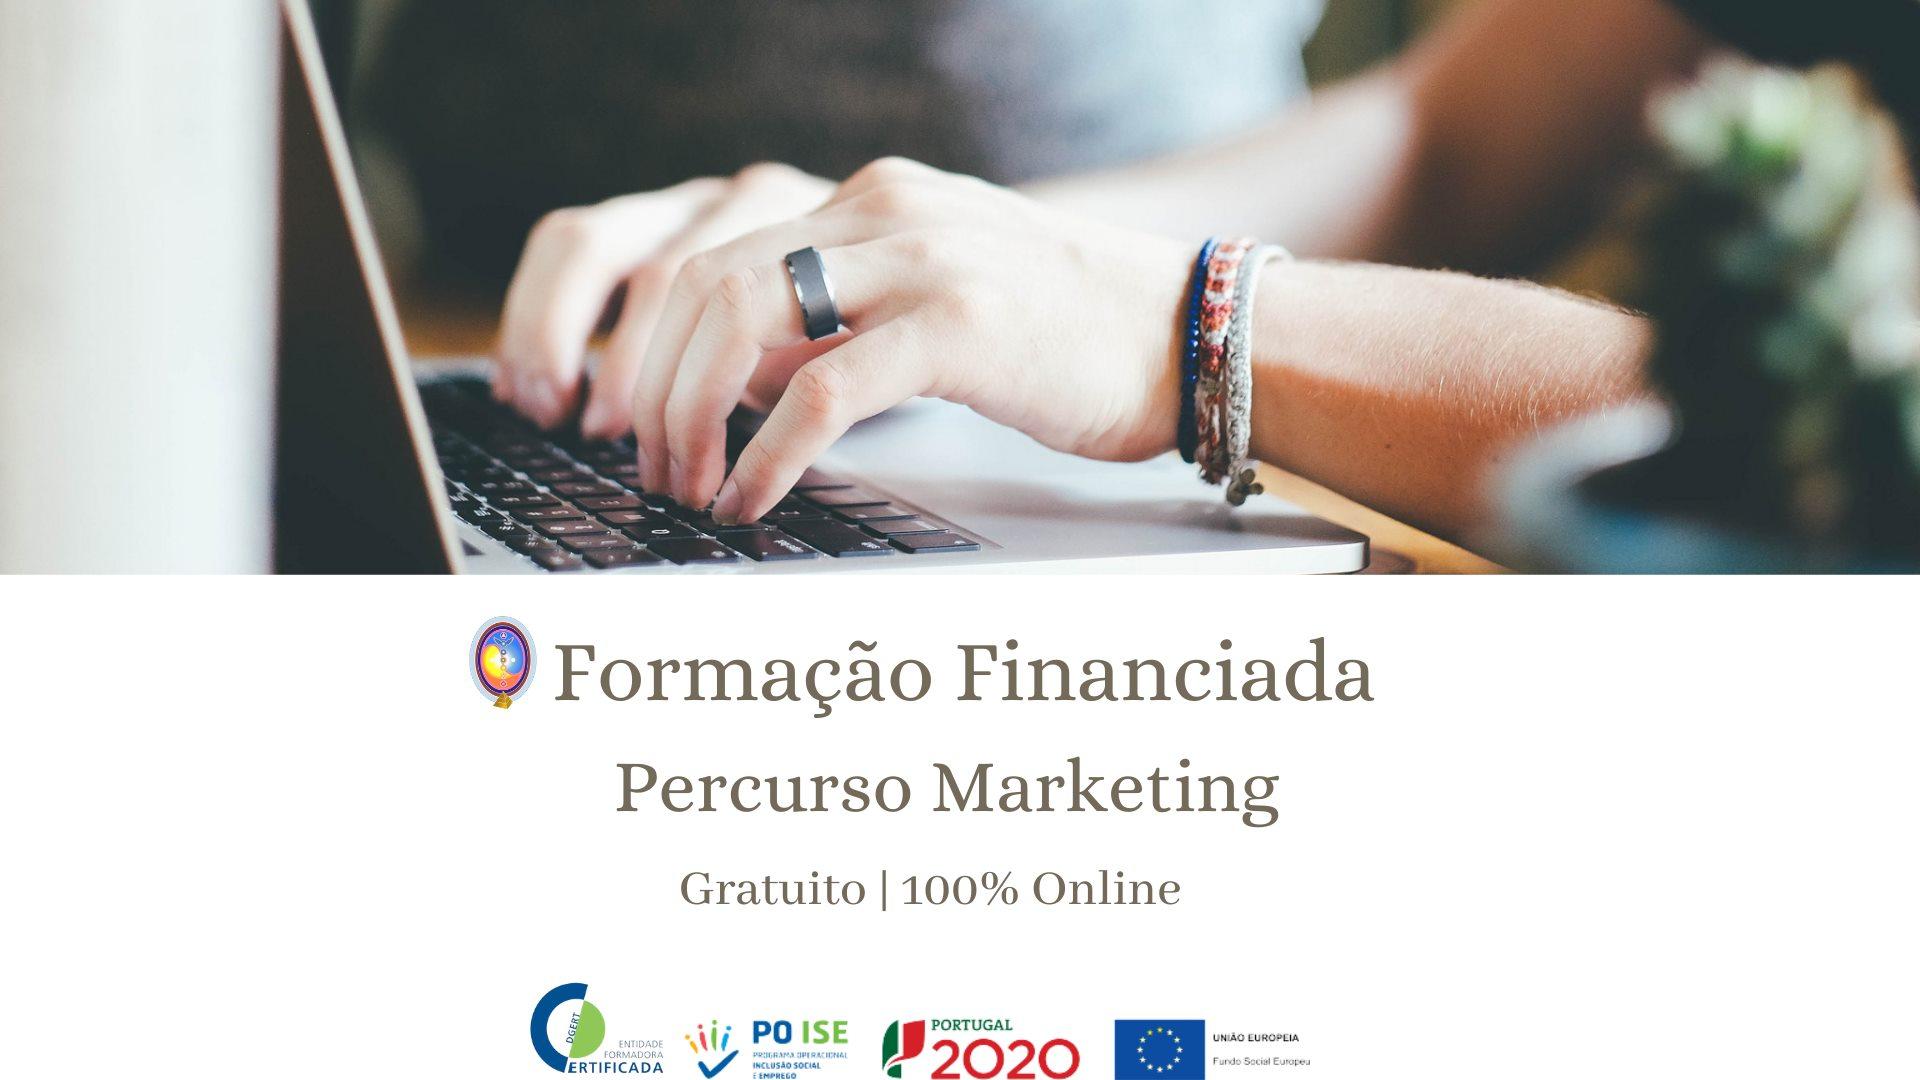 FORMAÇÃO FINANCIADA:  Percurso Marketing